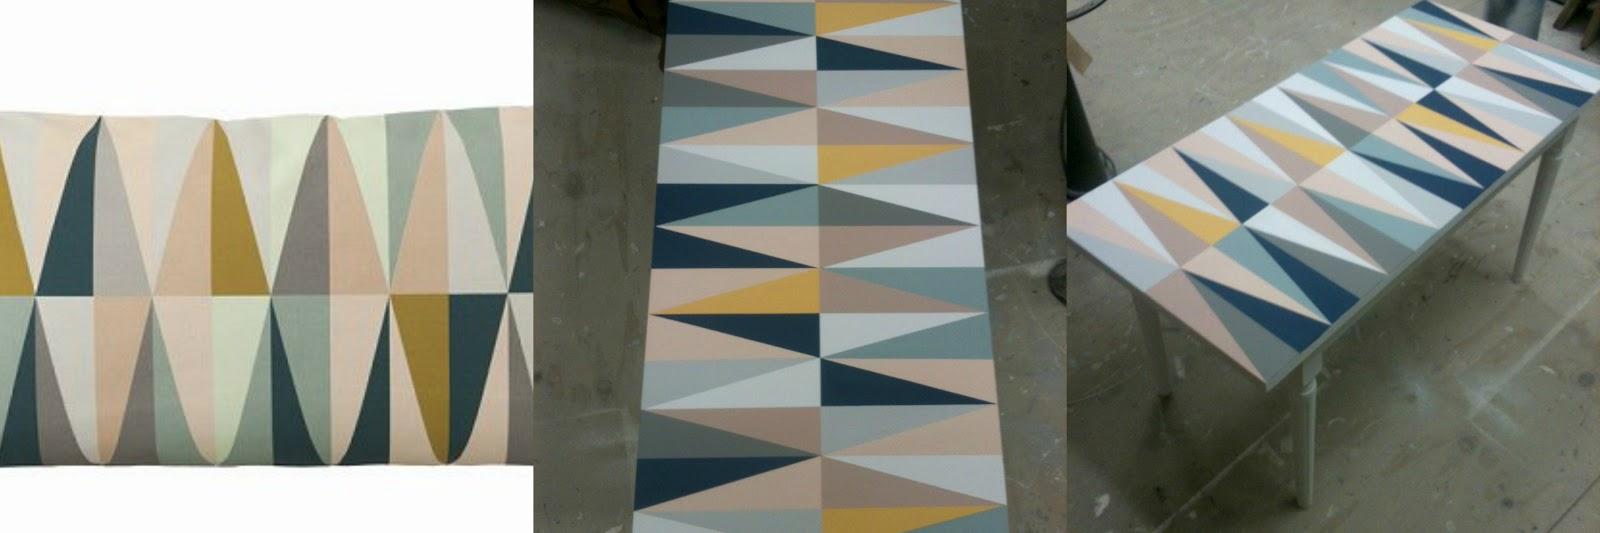 Goed in stijl: salontafel met ferm living patroon/kleuren